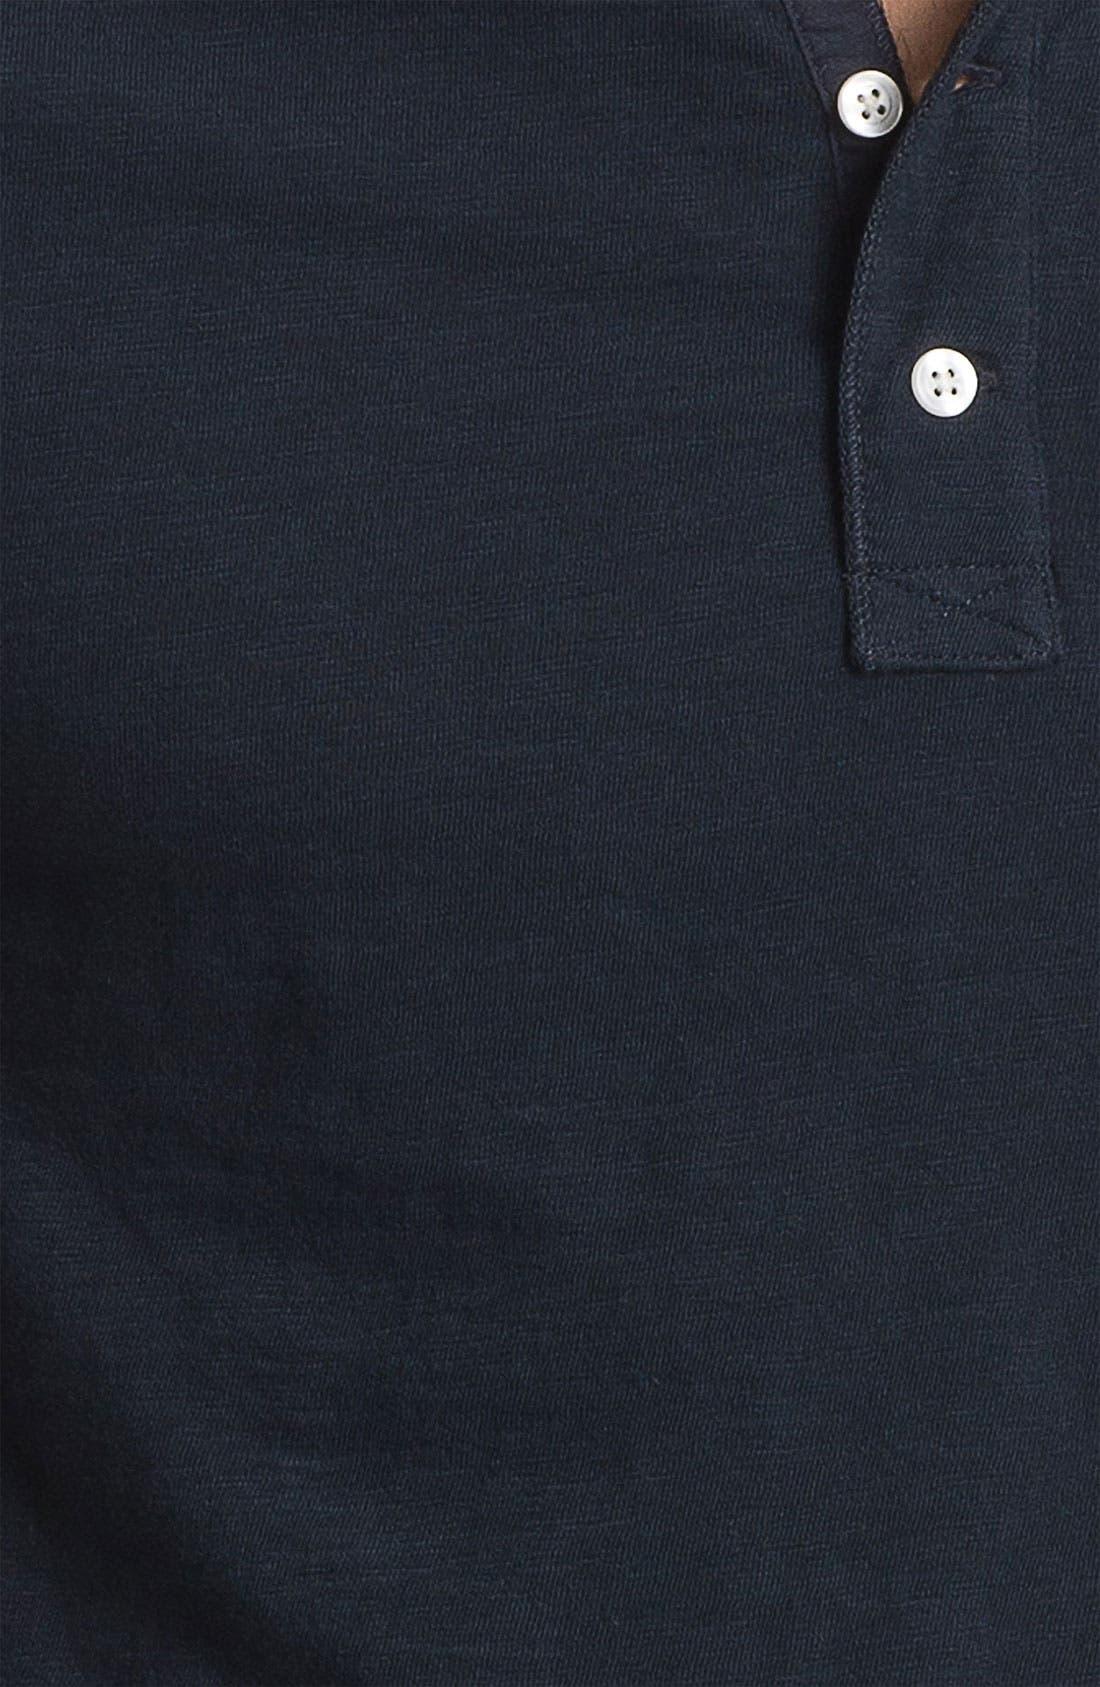 Alternate Image 3  - Vince Slubbed Cotton Henley T-Shirt